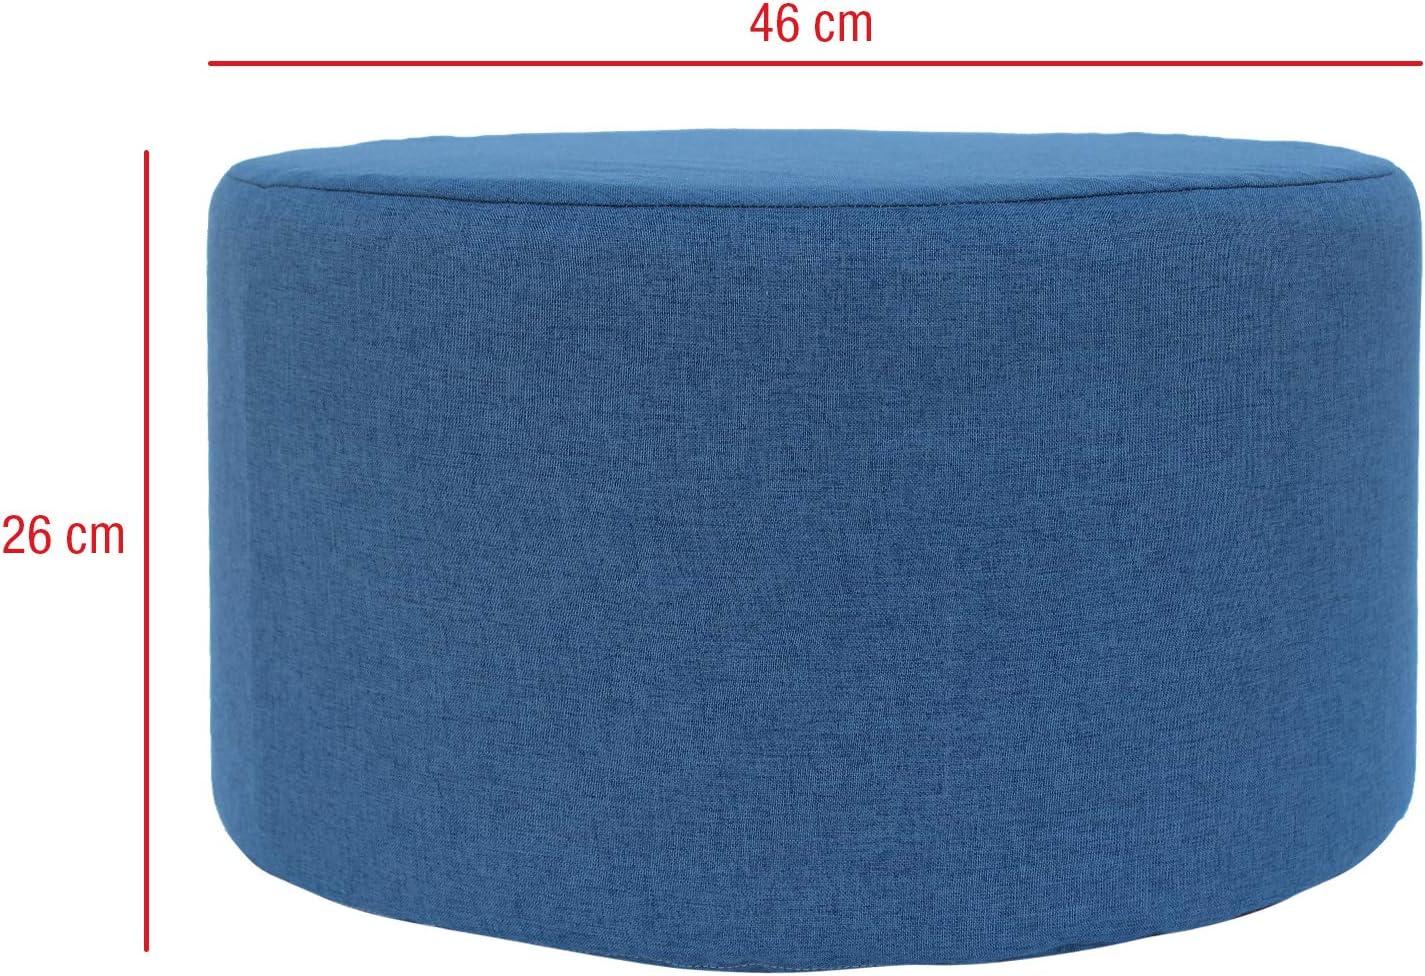 Misure 25 x 45 x 45 cm - Art Rebecca Mobili Puff poggiapiedi Piatto Tessuto Grigio RE4543 Soggiorno complementi darredo HxLxP